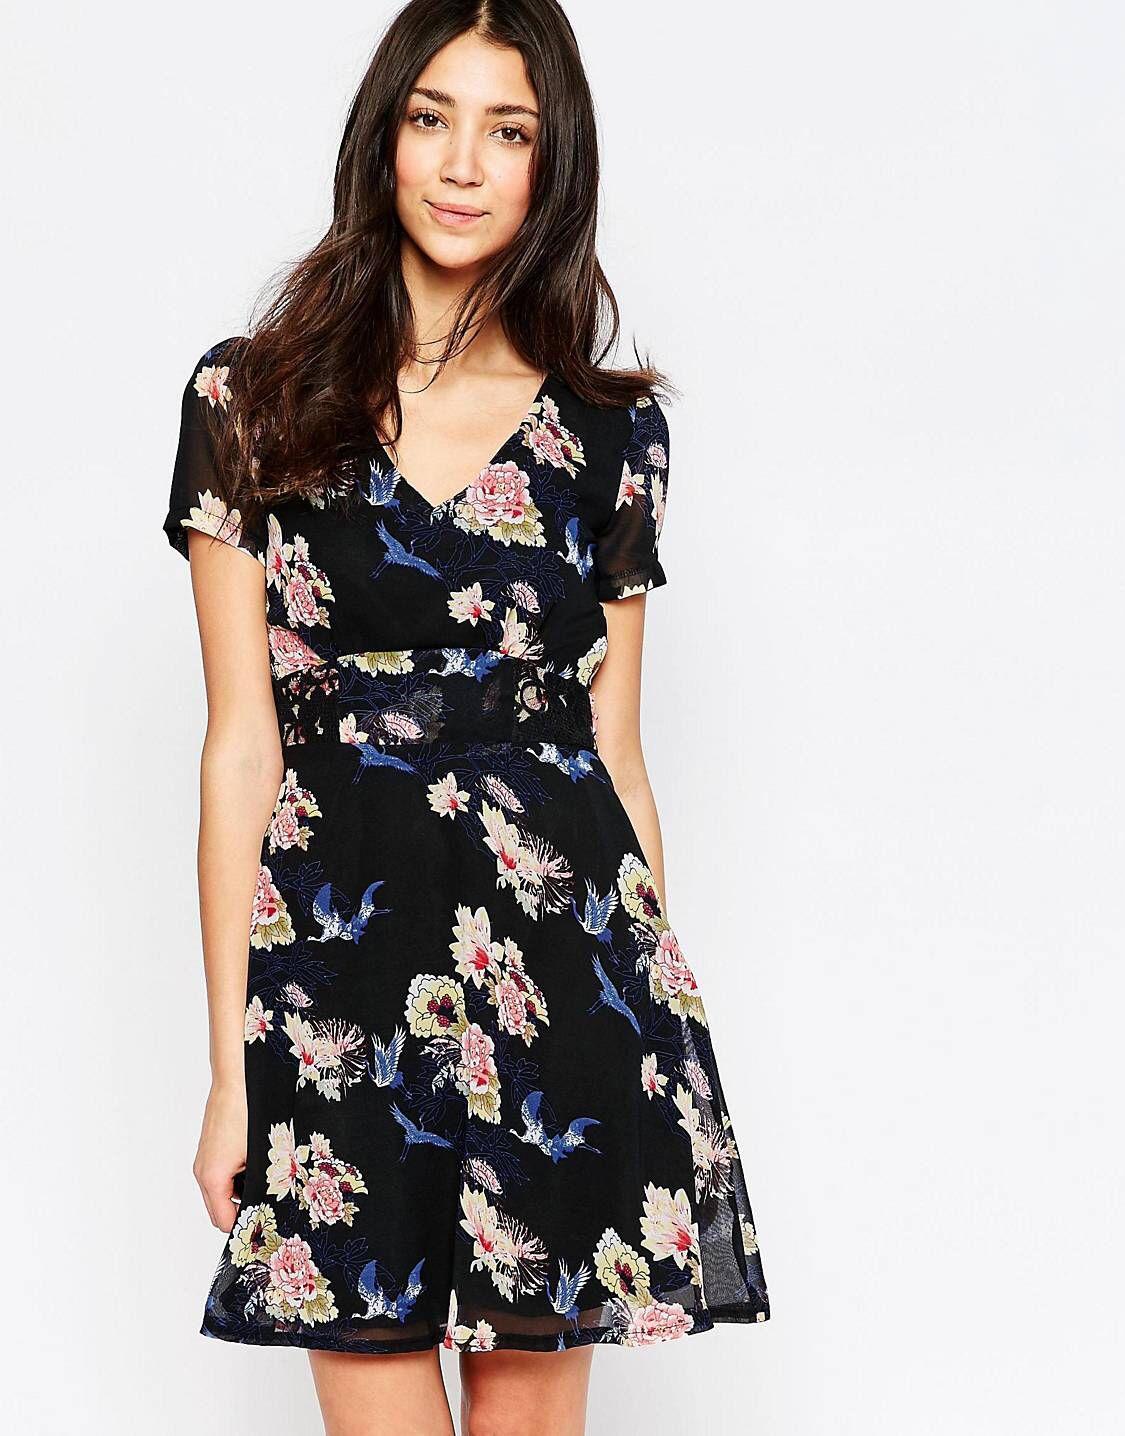 Yumi – Skaterkleid mit Blumen- und Vogelprint | Pinterest | Mode ...